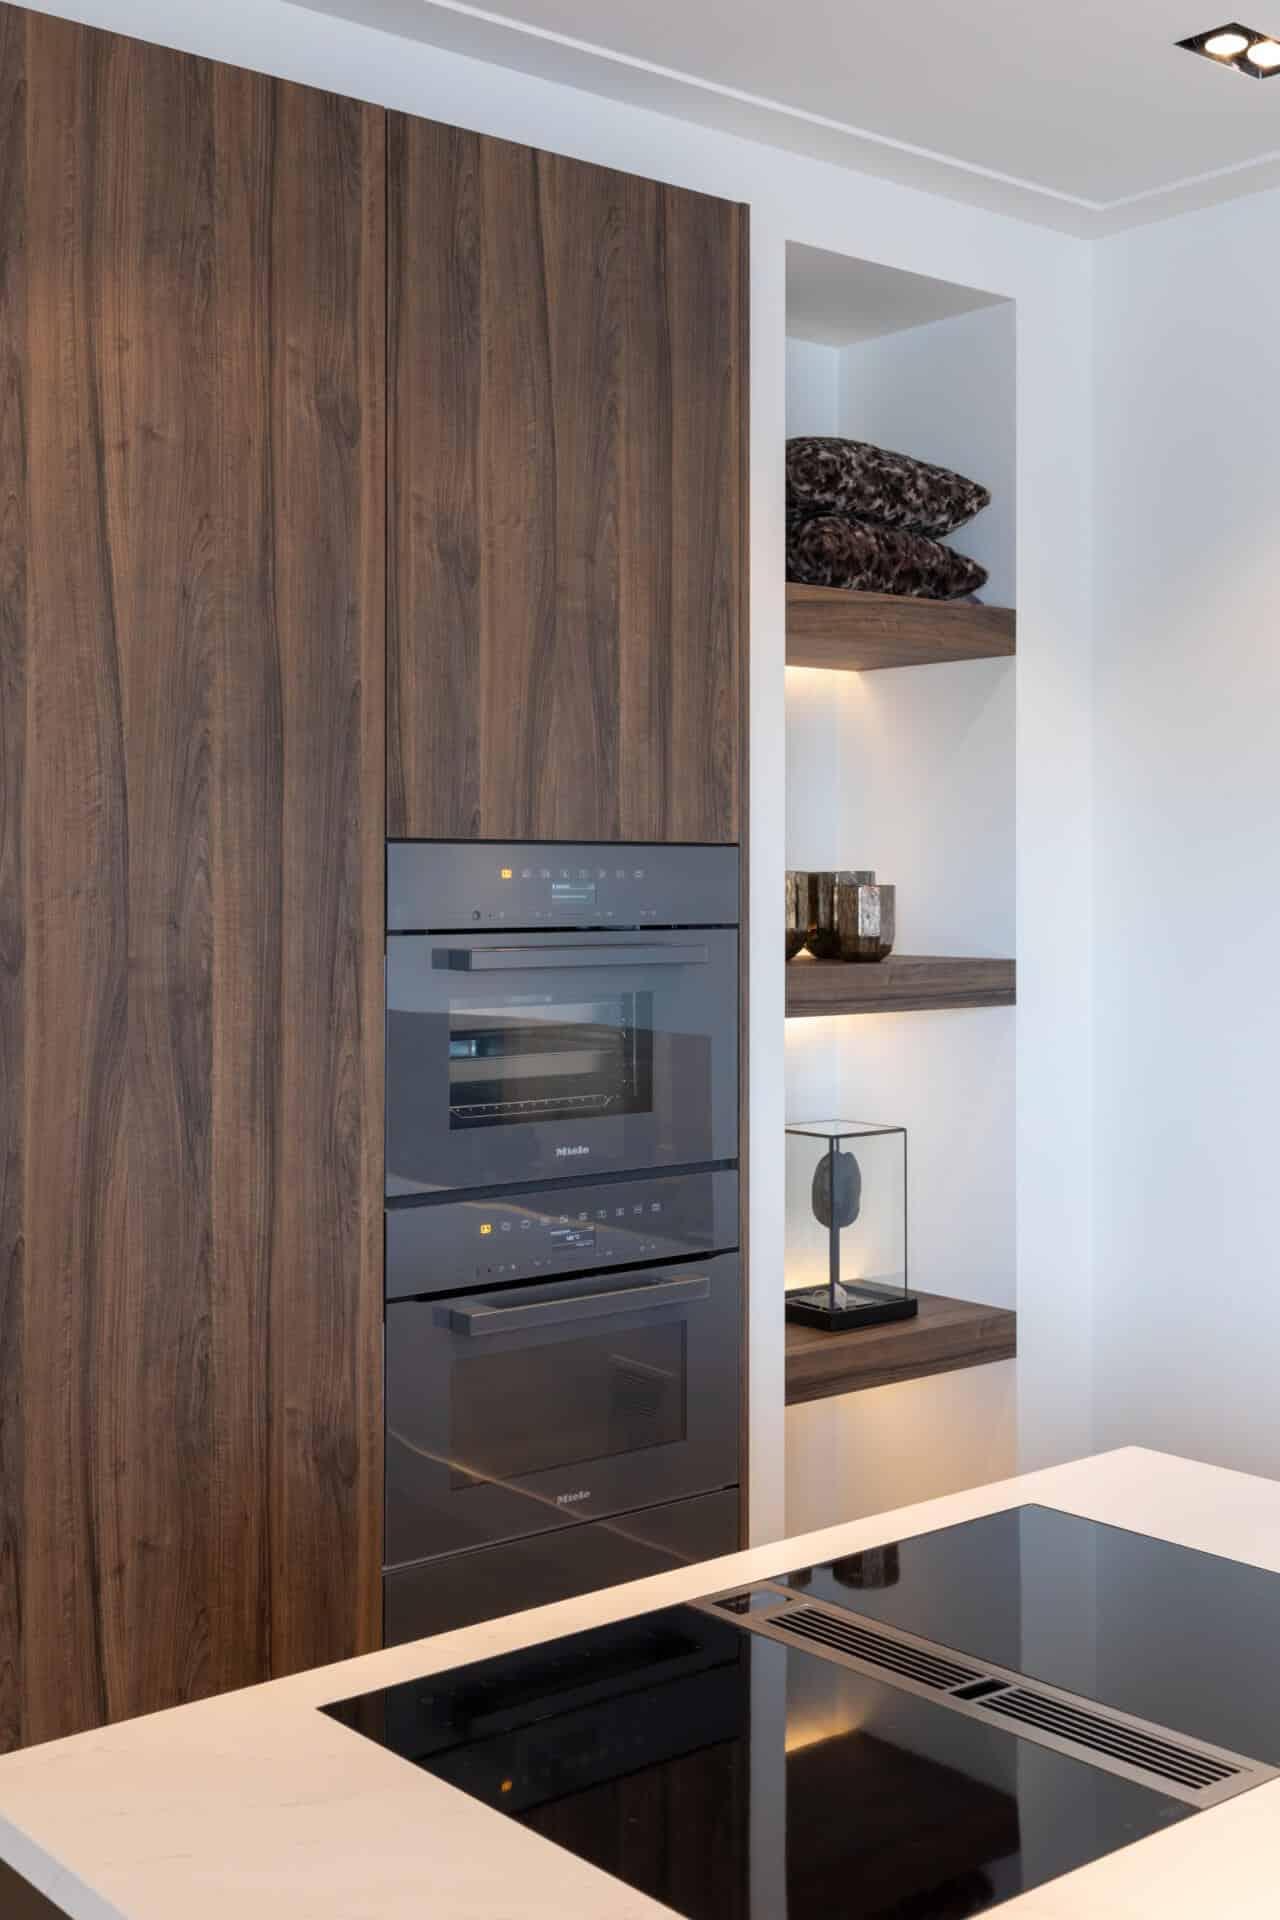 Moderne keuken met miele oven